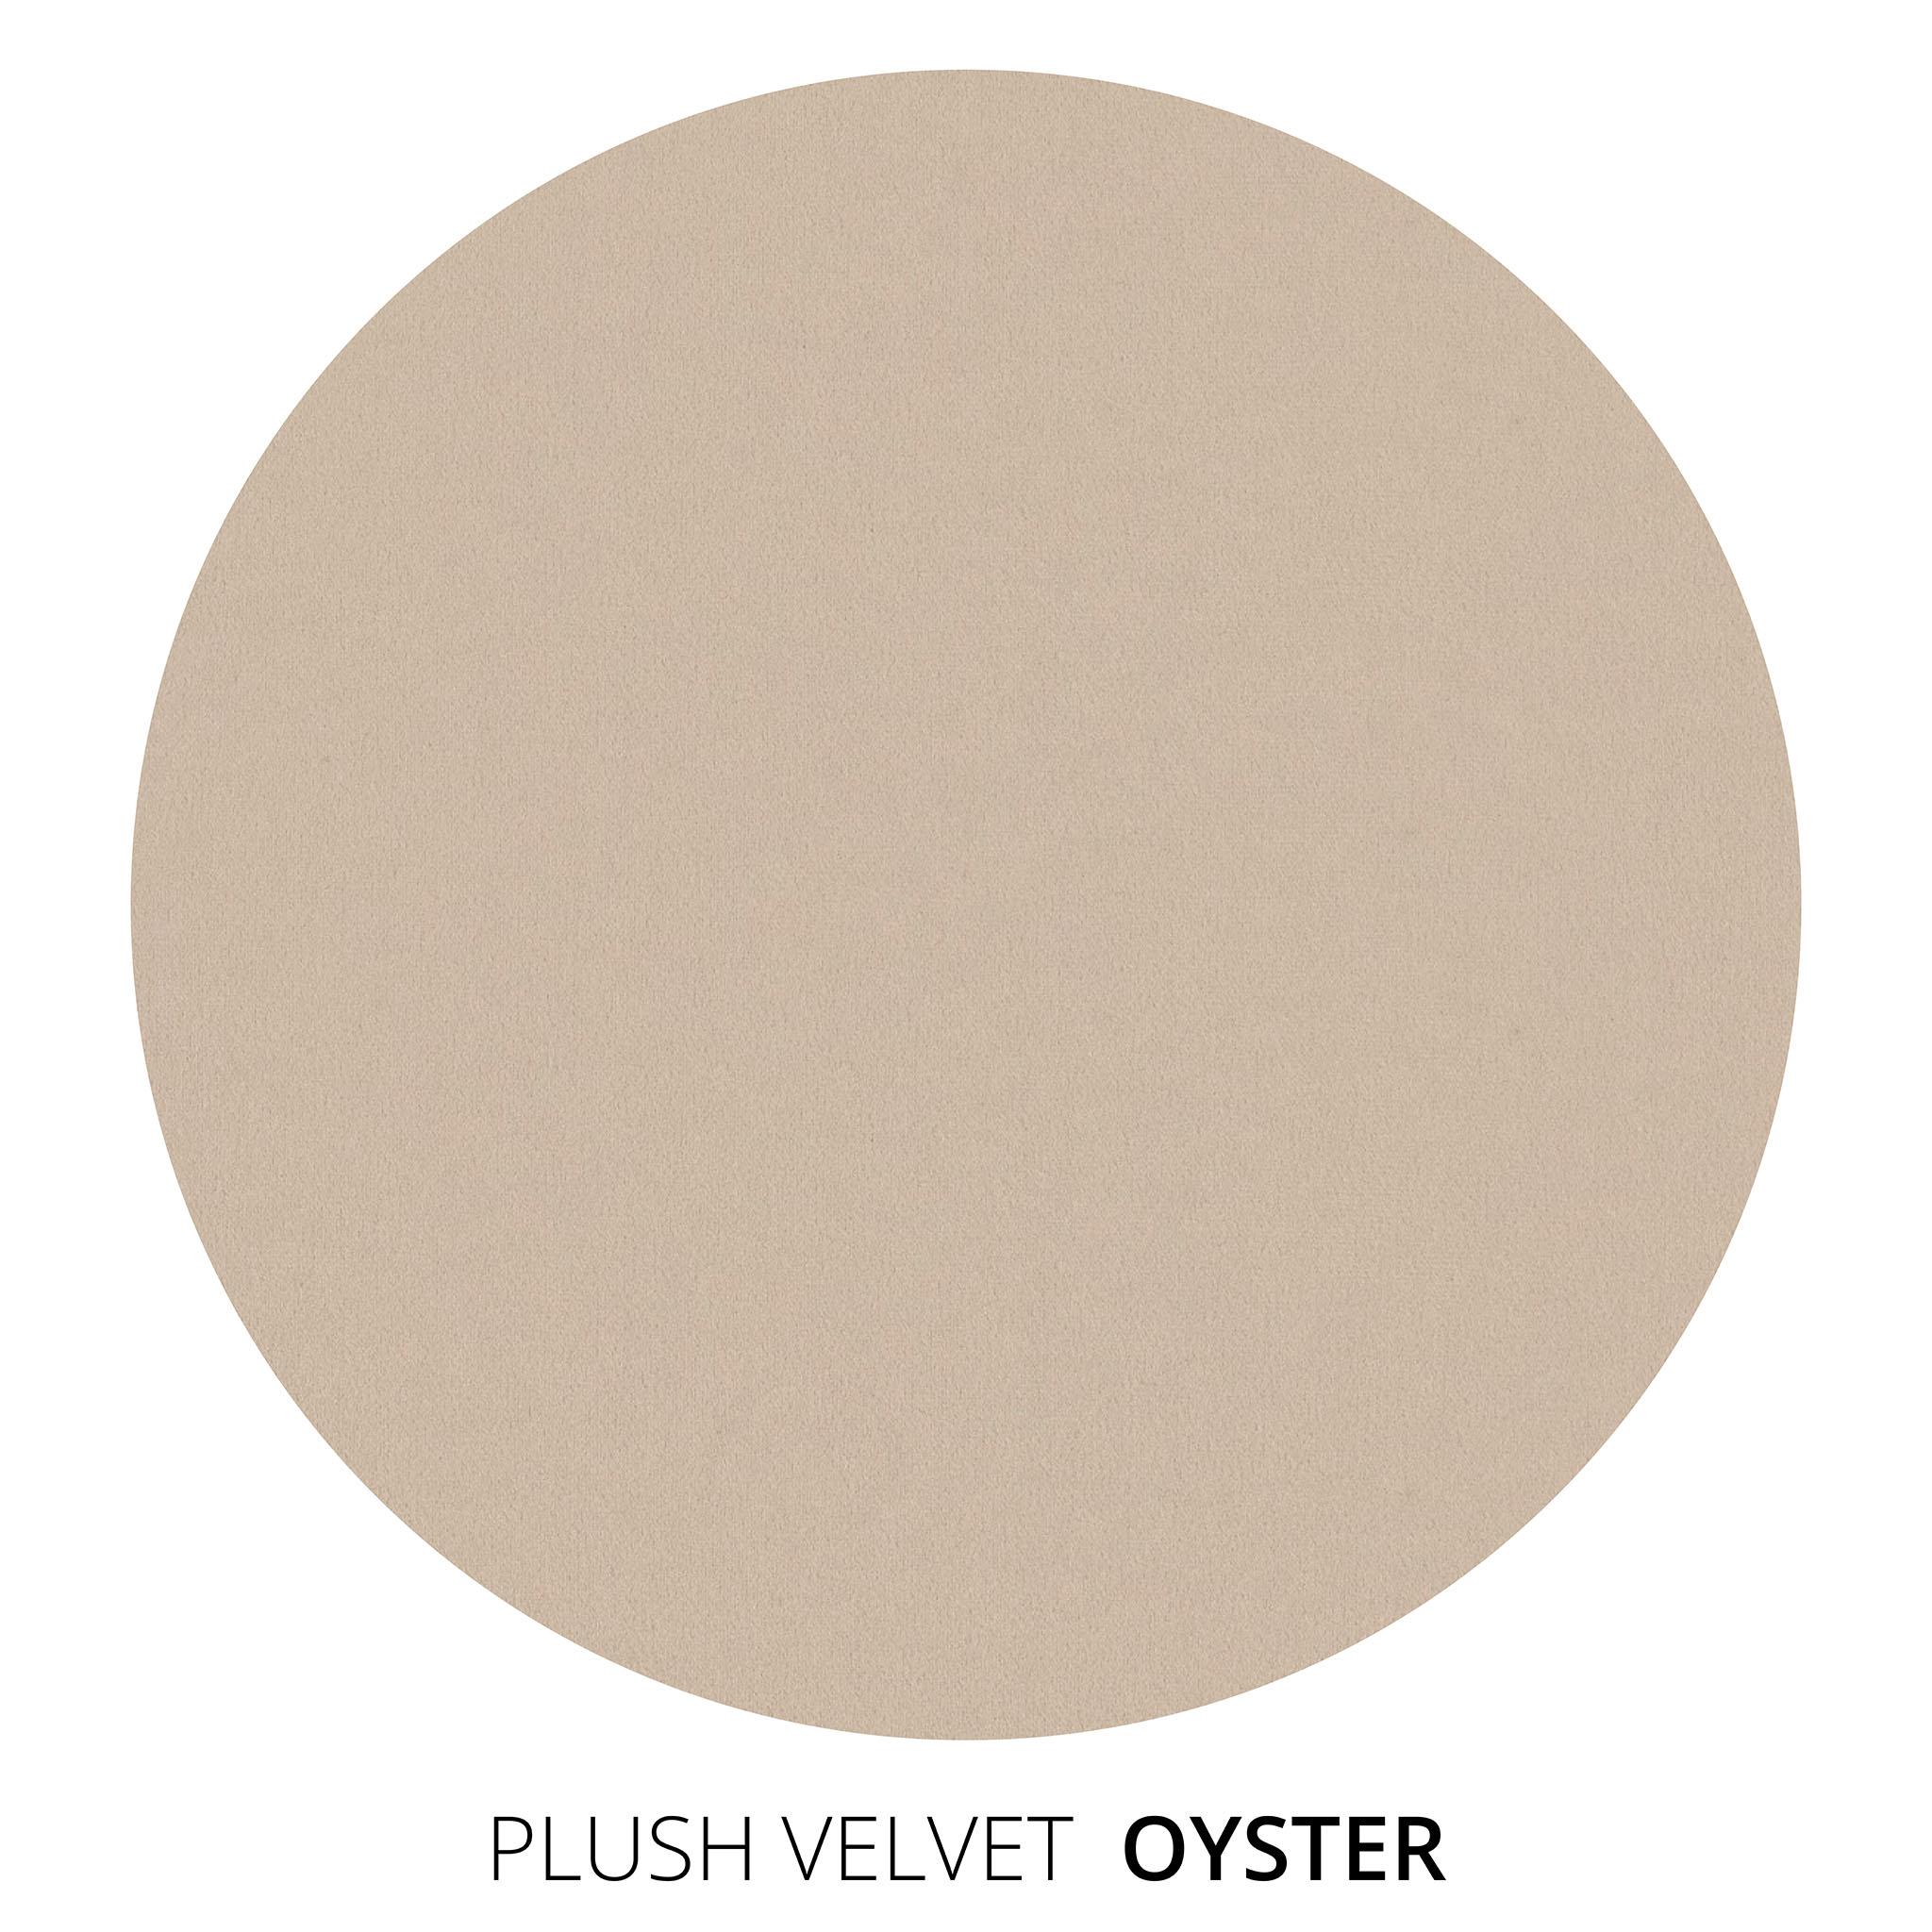 Oyster Plush Velvet Swatch